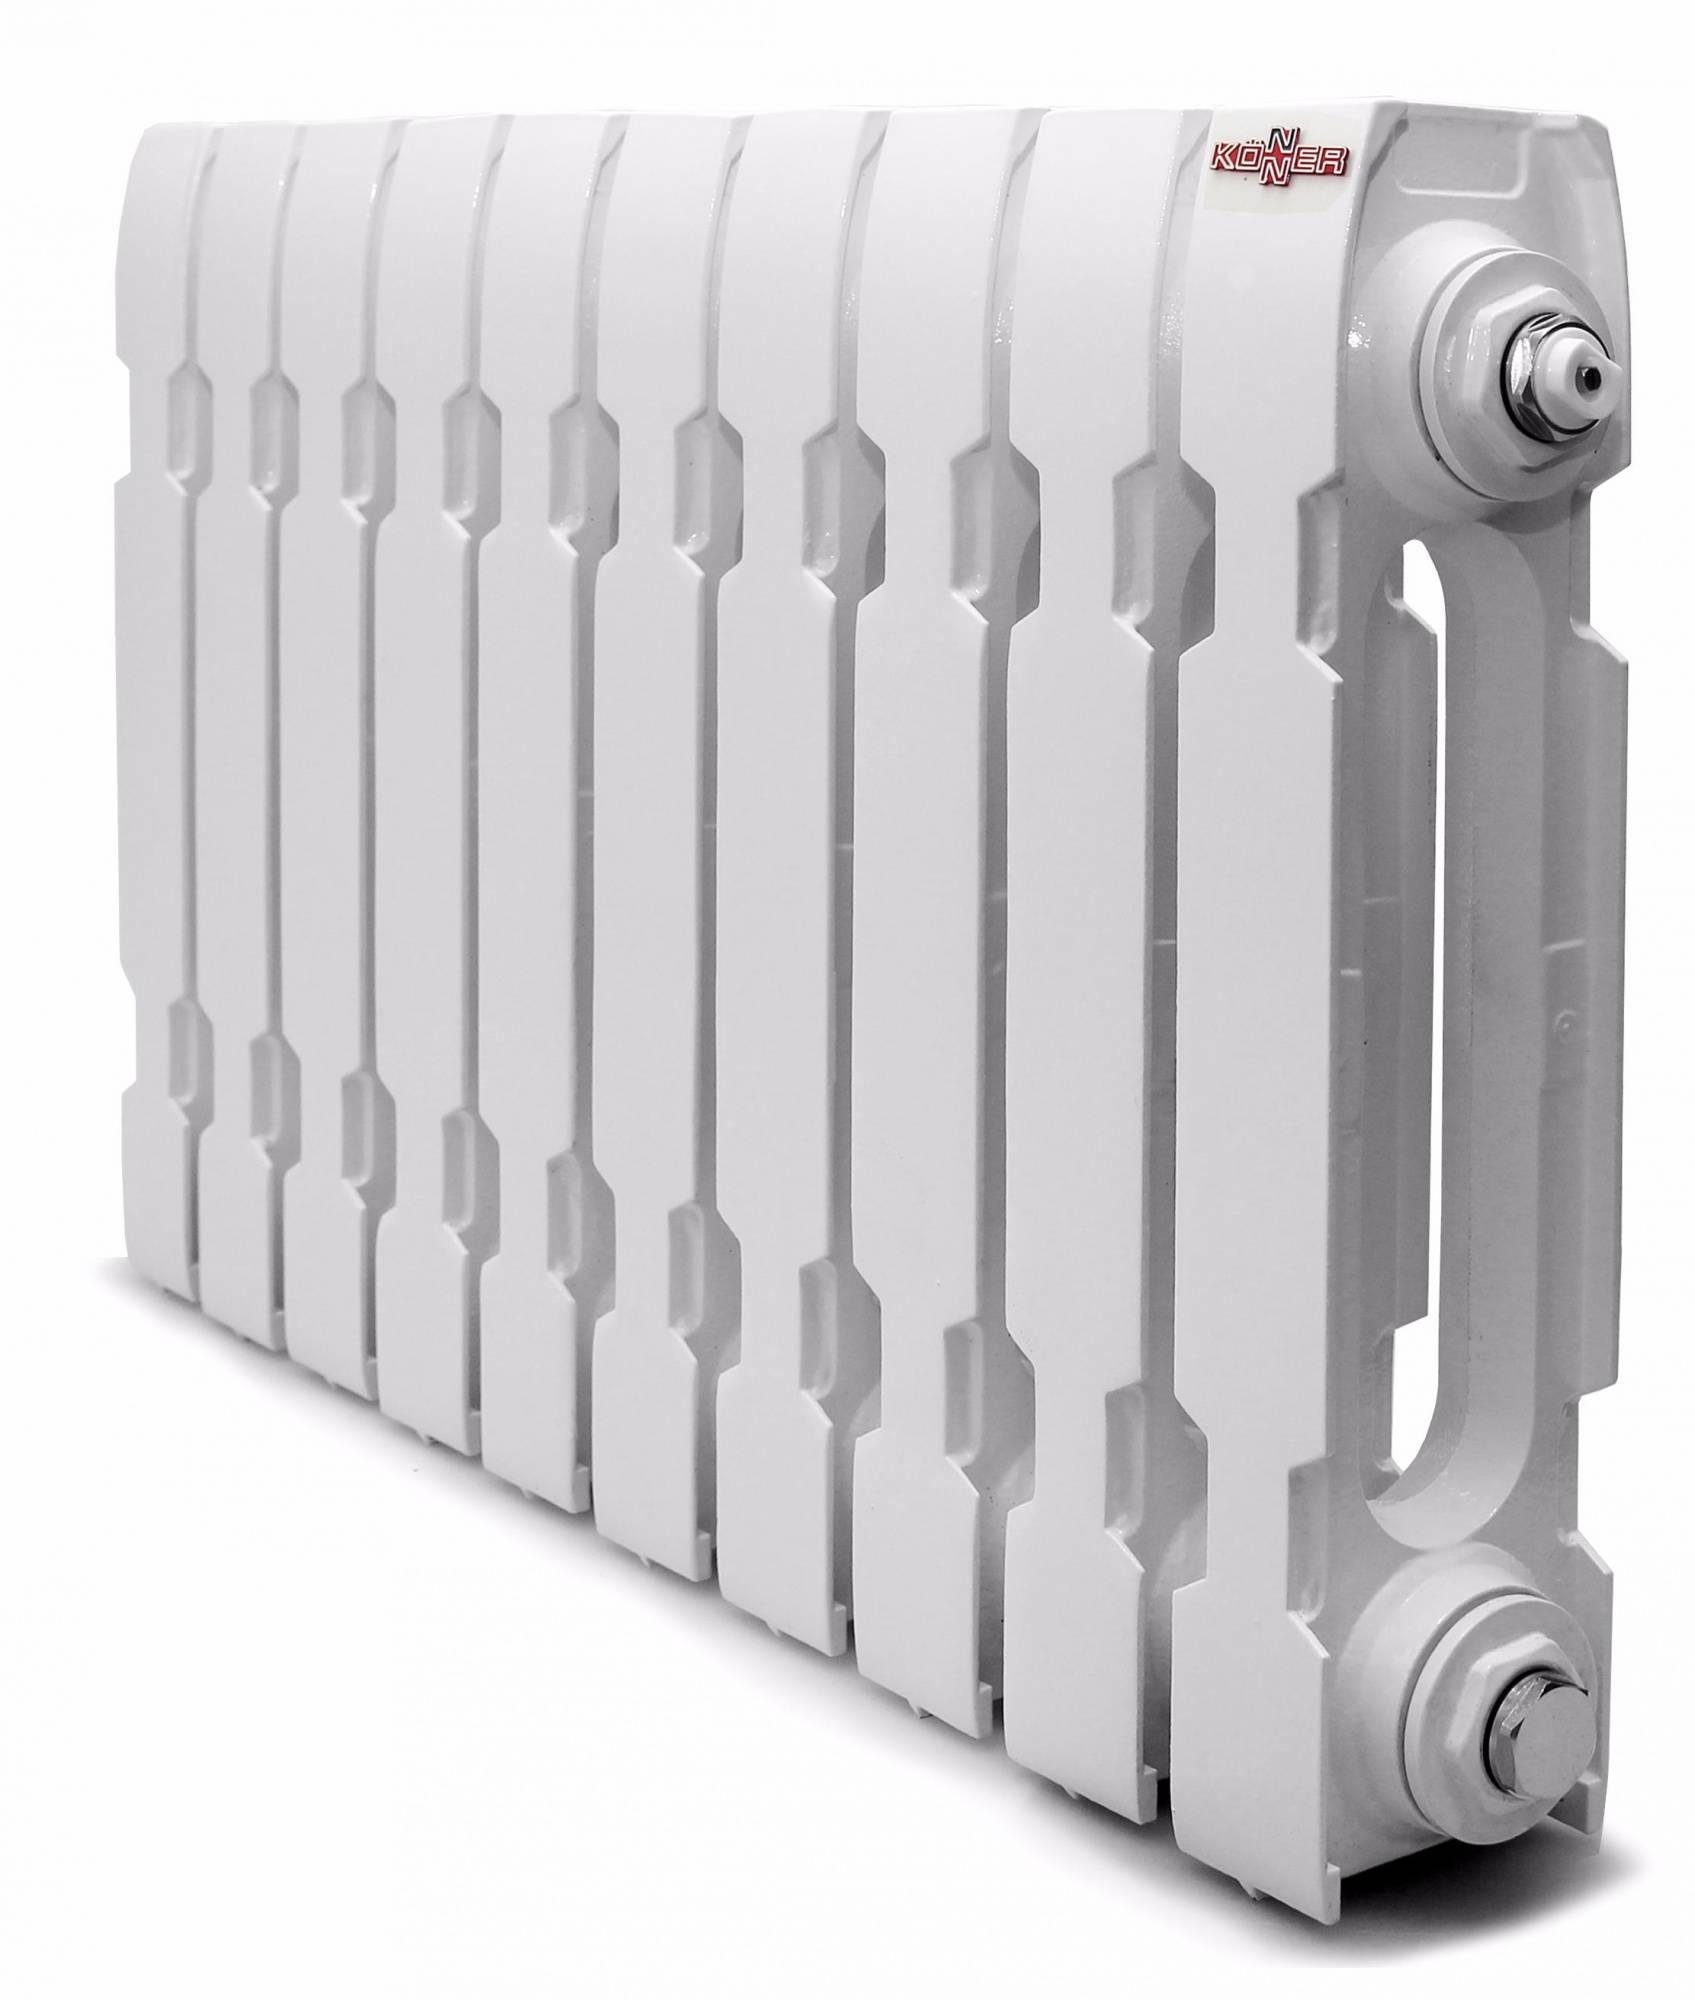 Лучшие радиаторы отопления, топ-10 рейтинг хороших радиаторов